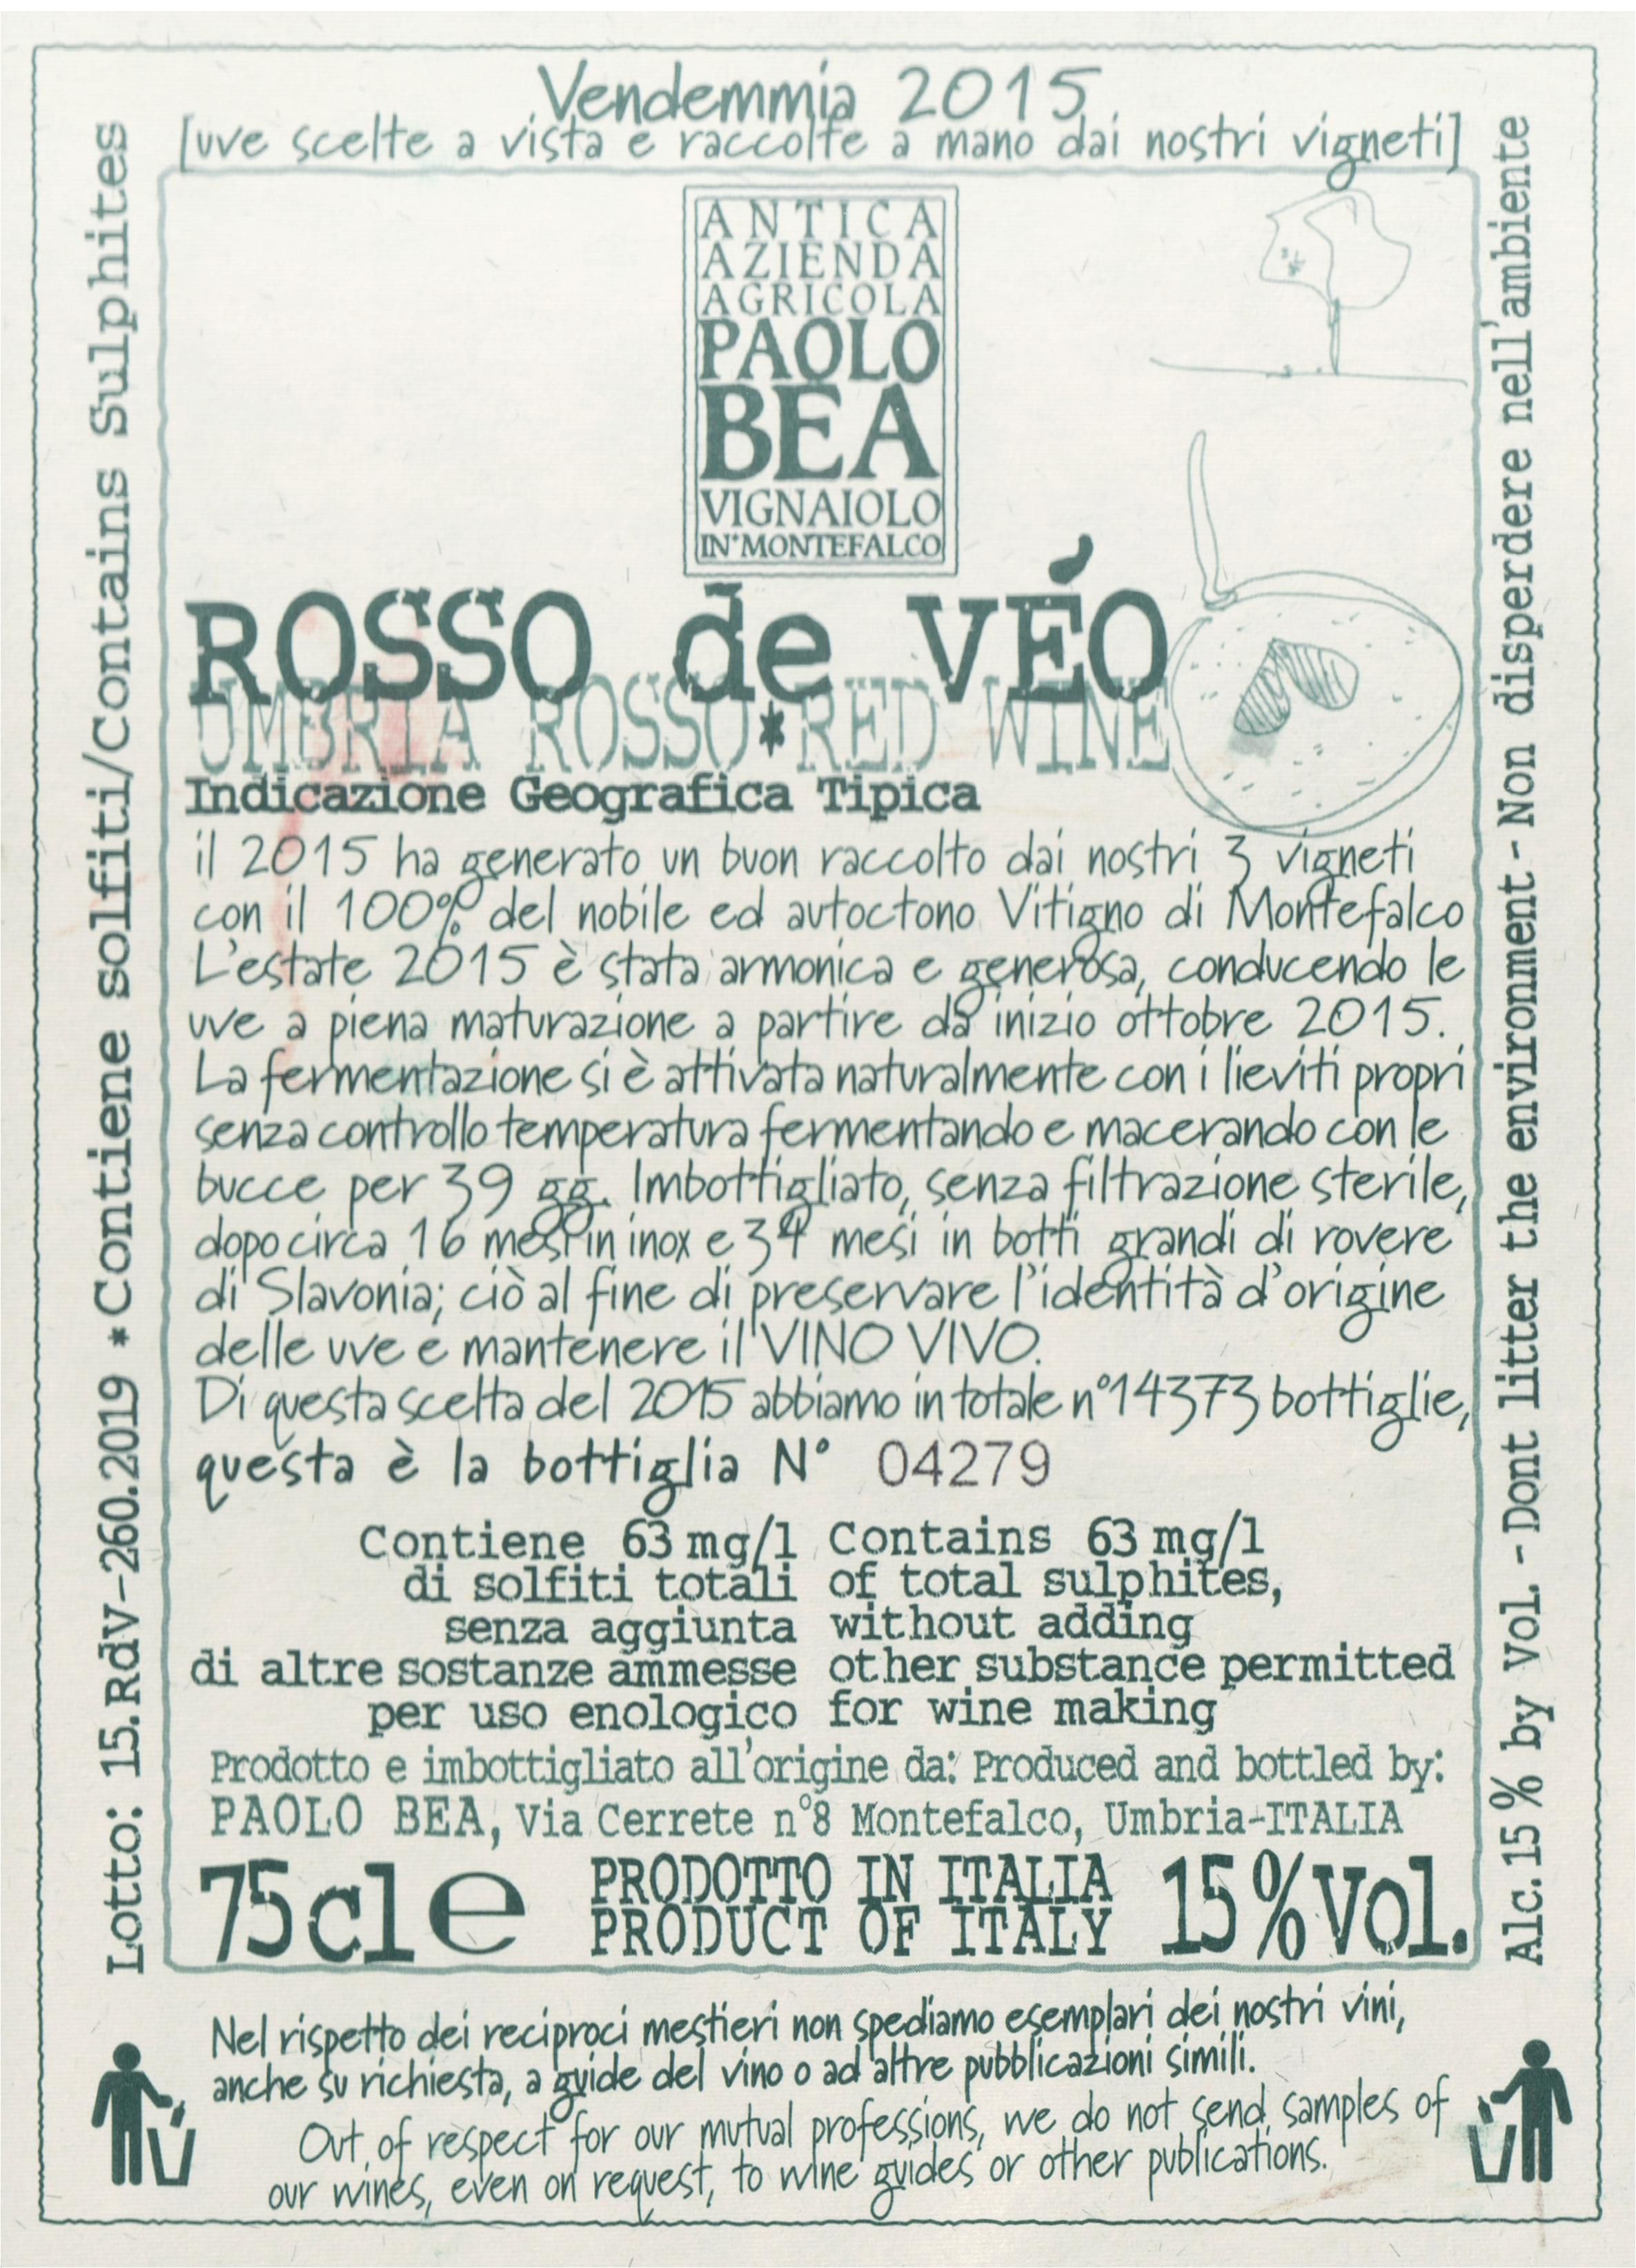 Paolo Bea Rosso De Veo Umbria Rosso 2015